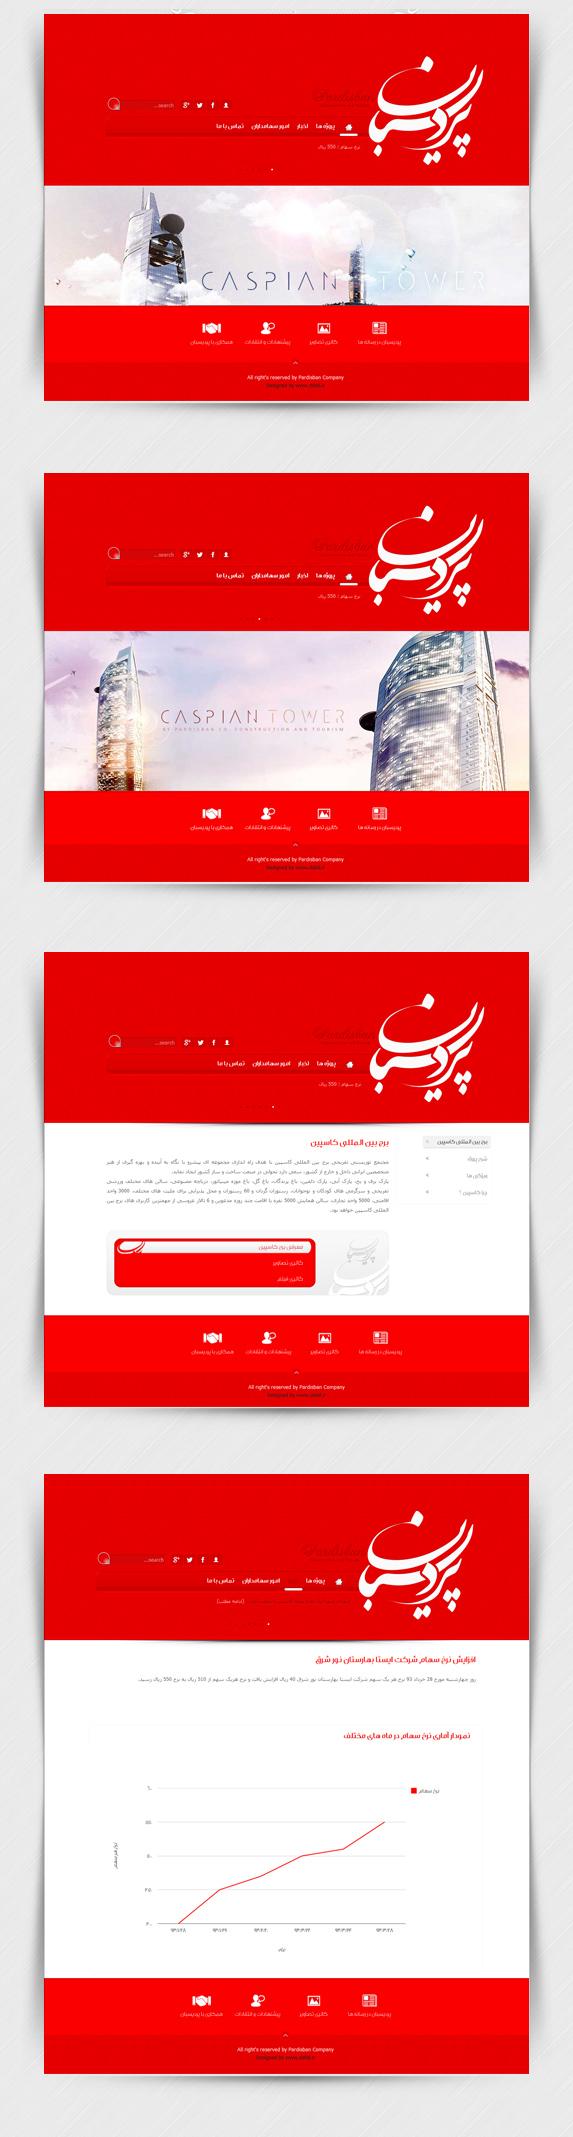 طراحی سایت شرکت پردیسبان